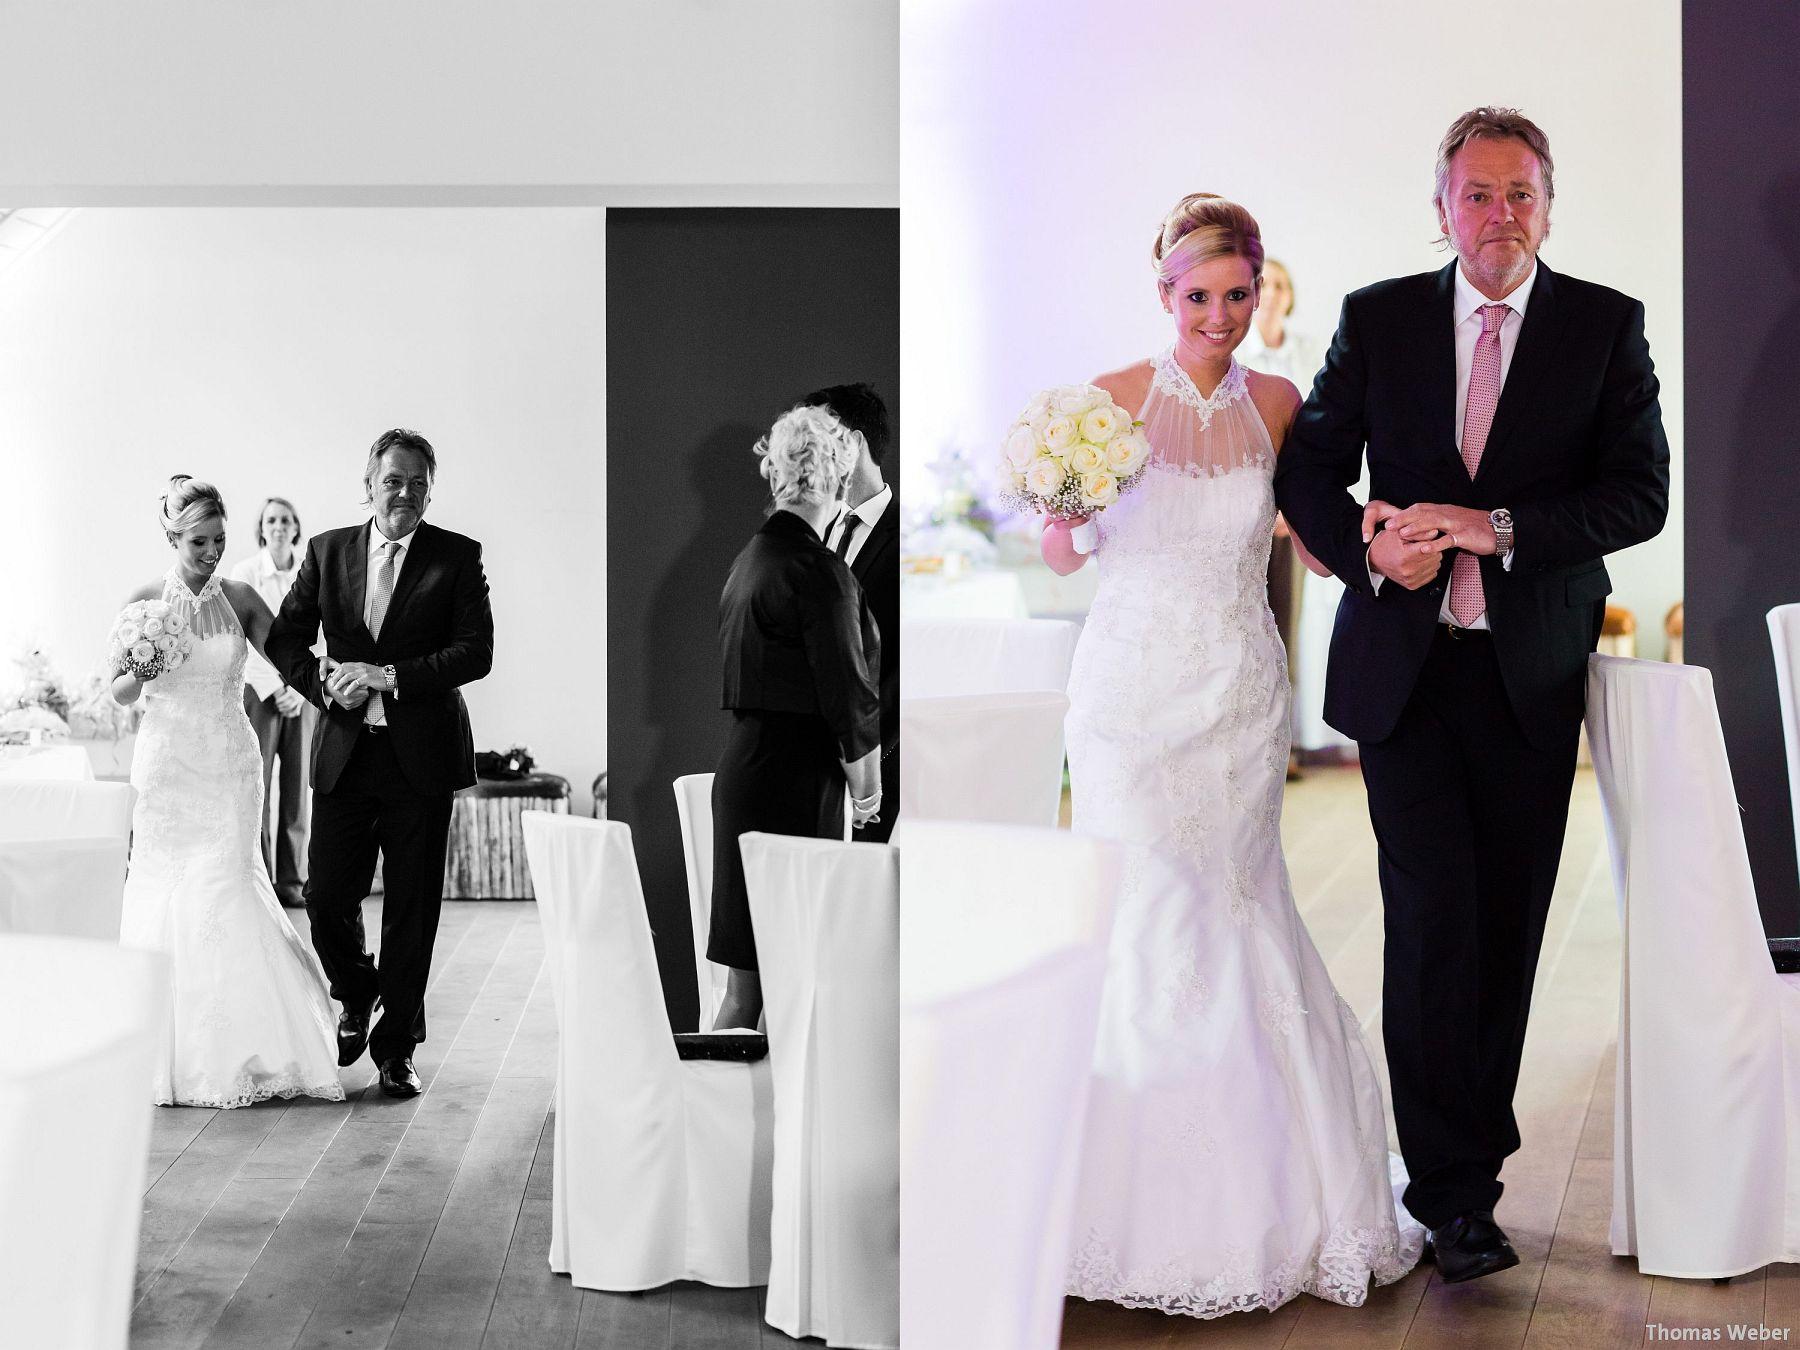 Hochzeitsfotograf Oldenburg: Hochzeit in der Eventscheune St. Georg in Rastede (43)